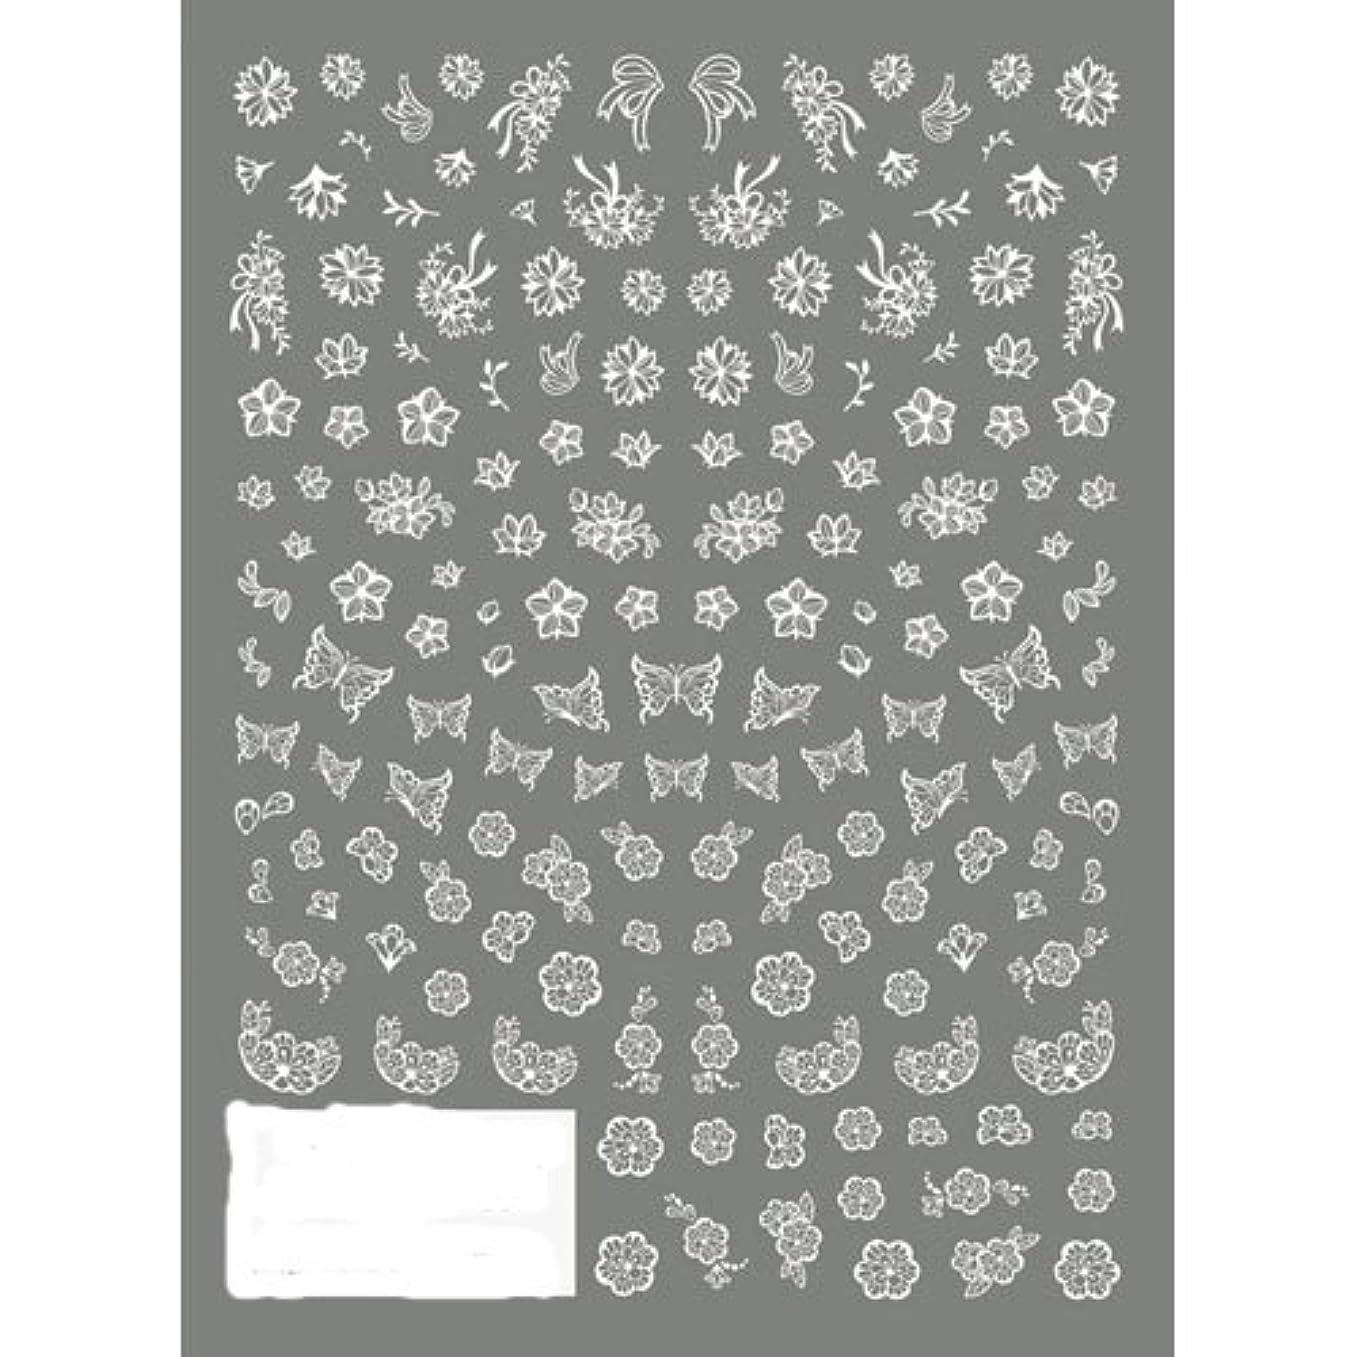 見落とす早い究極のツメキラ ネイル用シール 切り絵 フラワー&バタフライ ホワイト